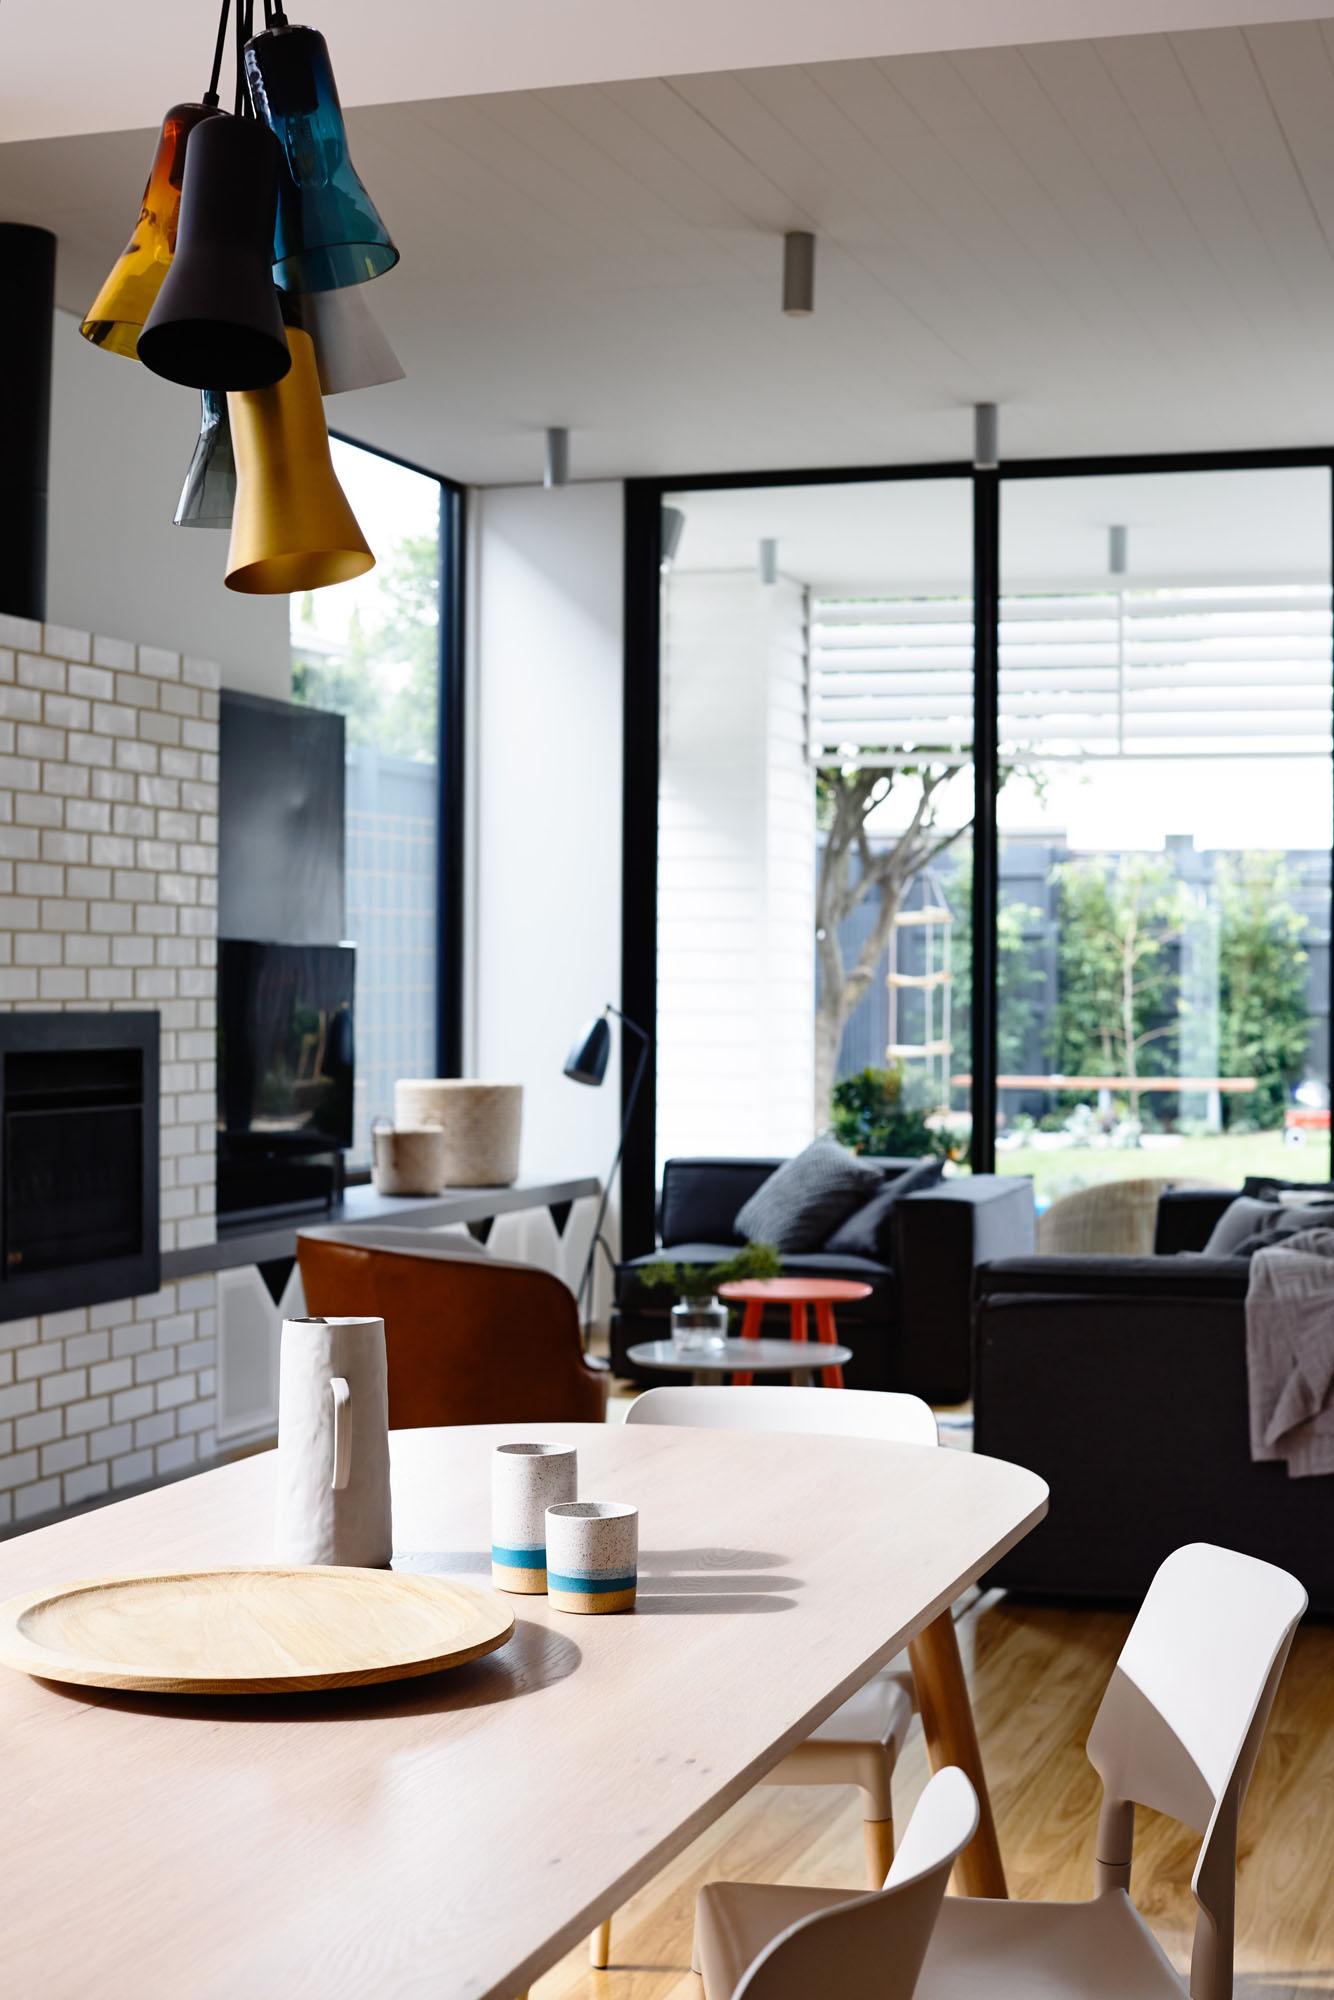 Sandringham-Residence-dining-room-pendant-lights